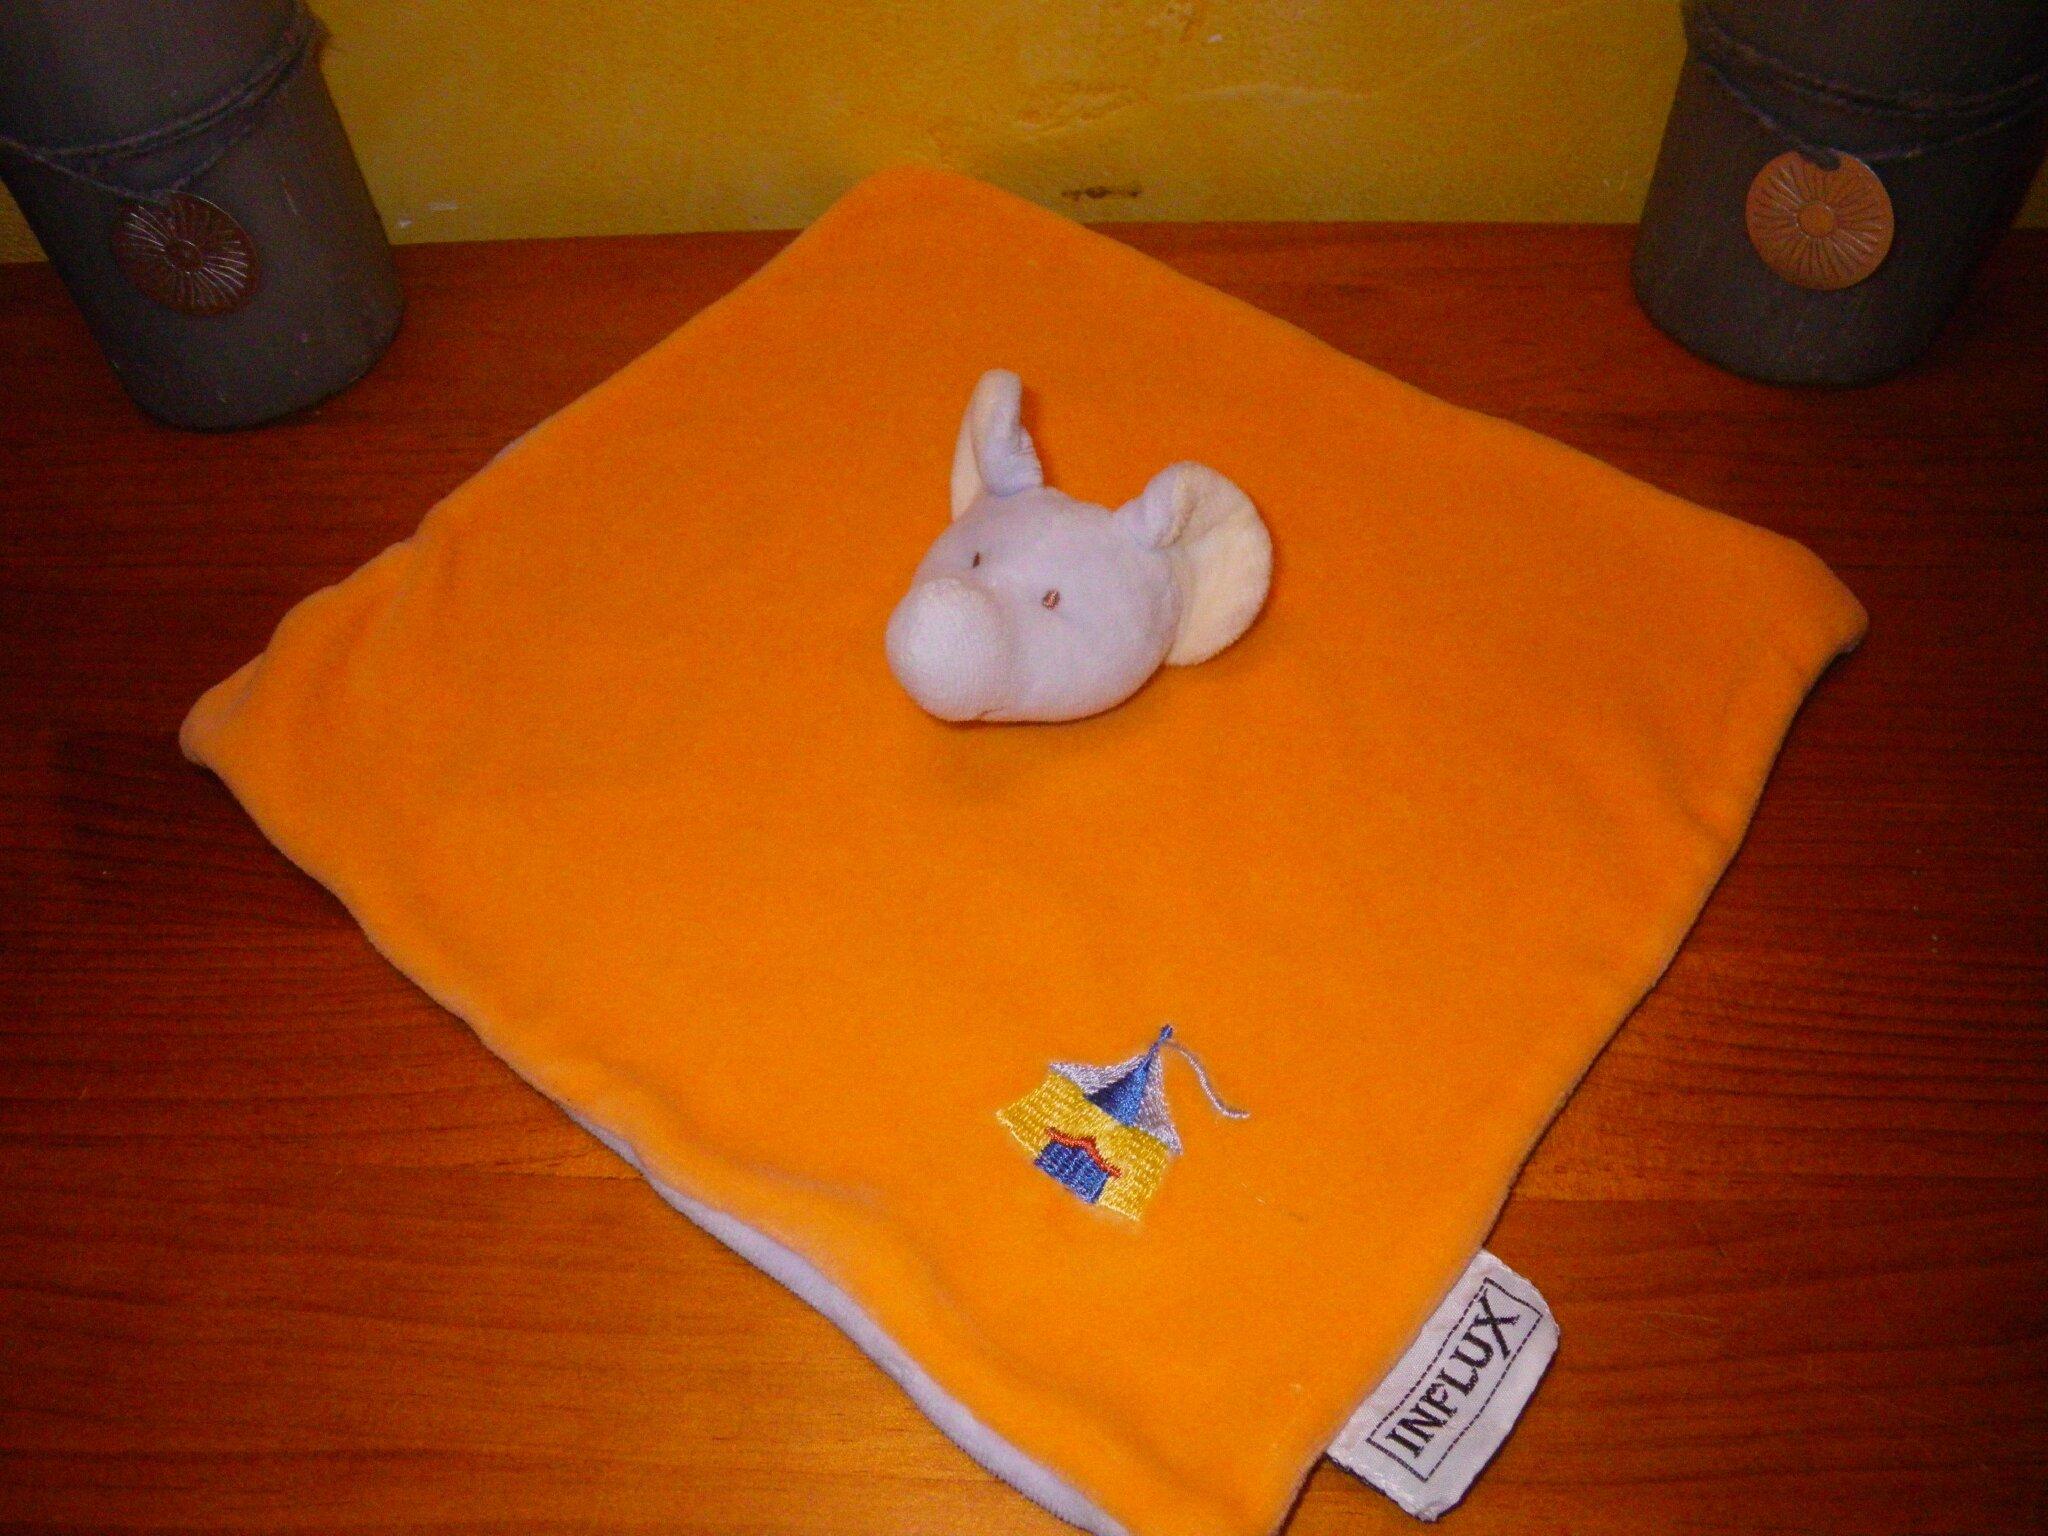 éléphant marque Influx motif chapiteau de cirque, doudou plat orange